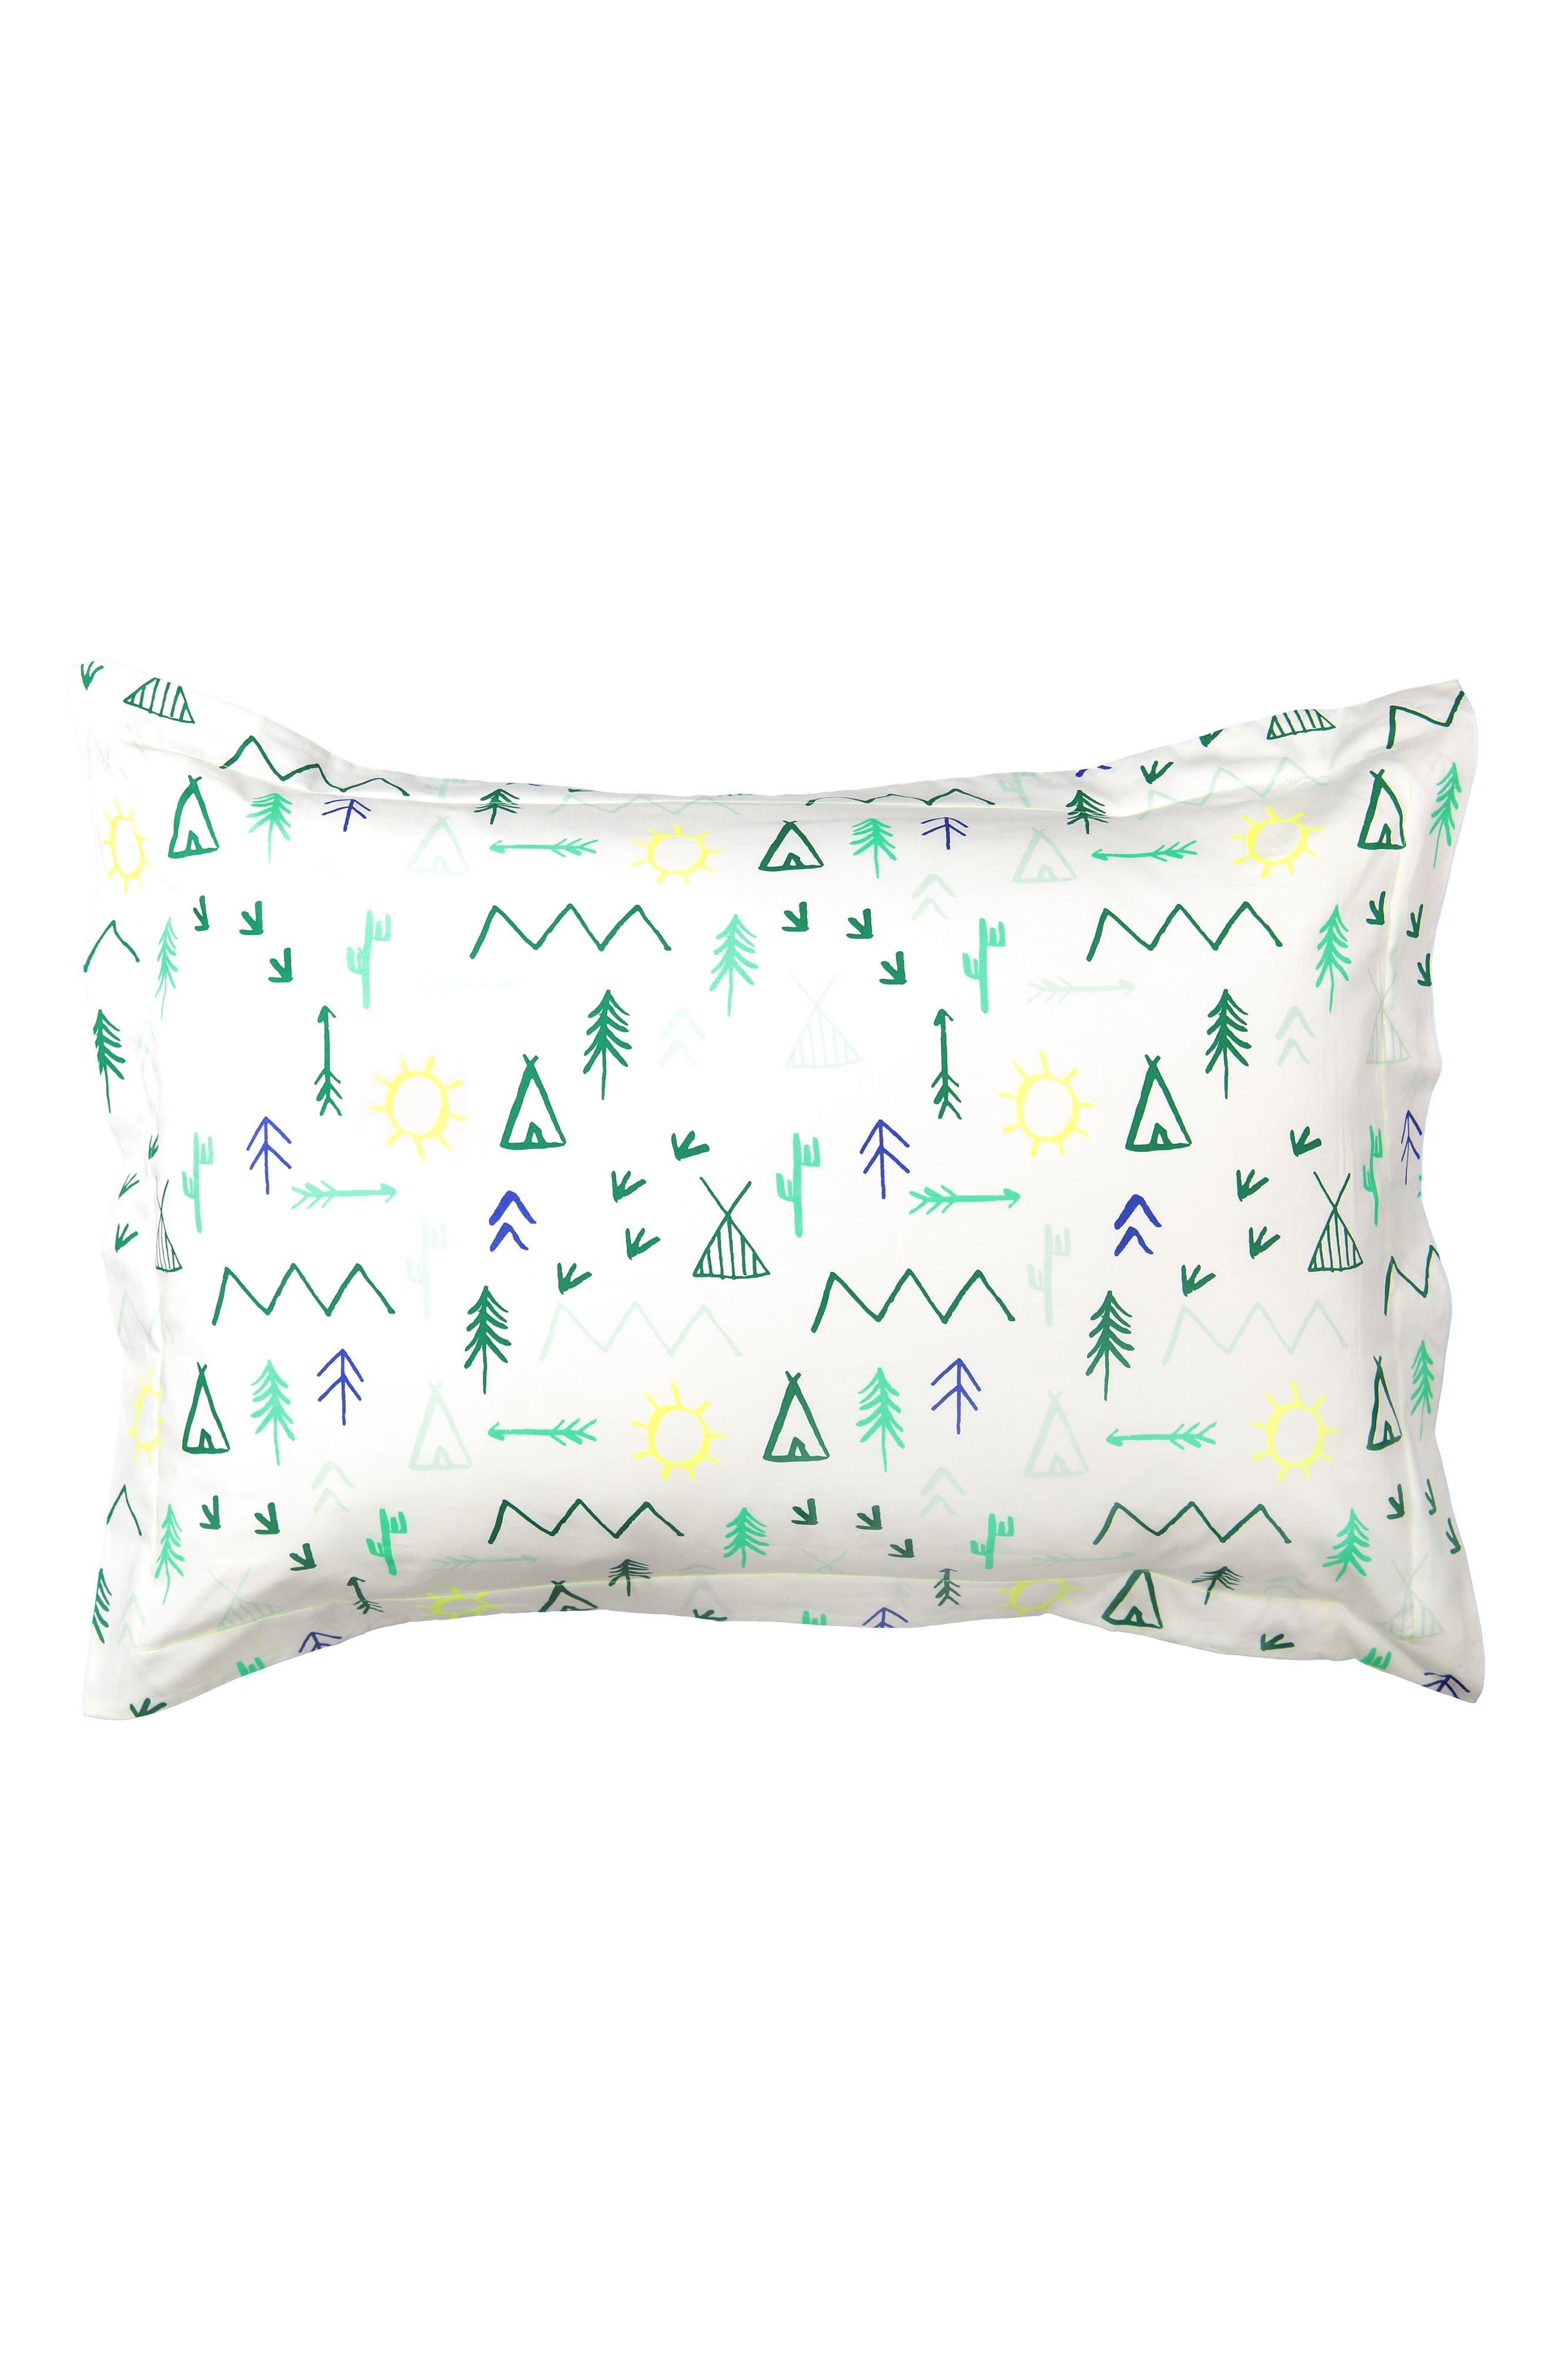 Meri Meri Campground Set of 2 Organic Cotton Pillow Shams